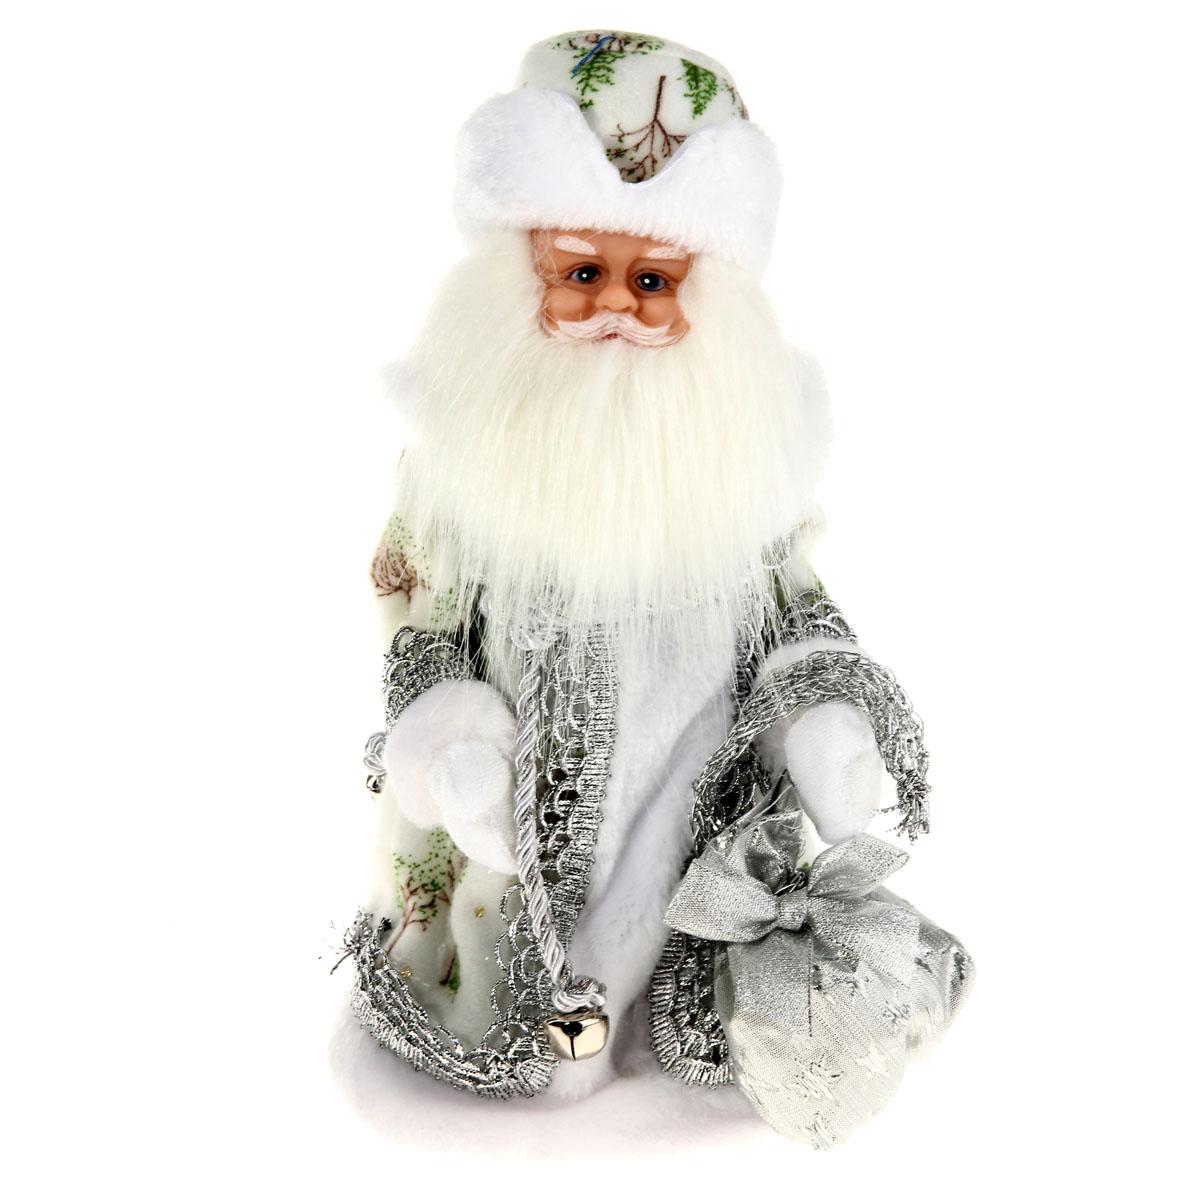 Новогодняя декоративная фигурка Sima-land Дед Мороз, анимированная, высота 28 см. 827841C0038550Новогодняя декоративная фигурка выполнена из высококачественного пластика в виде Деда Мороза. Дед Мороз одет в шубу с опушкой, украшенную тесьмой и блестками. На голове шапка в цвет шубы. В руке Дед Мороз держит мешок с подарками. Фигурка стоит на подставке. Особенностью фигурки является наличие механизма, при включении которого играет мелодия, а голова и руки куклы начинают двигаться. Его добрый вид и очаровательная улыбка притягивают к себе восторженные взгляды. Декоративная фигурка Дед Мороз подойдет для оформления новогоднего интерьера и принесет с собой атмосферу радости и веселья. УВАЖАЕМЫЕ КЛИЕНТЫ!Обращаем ваше внимание на тот факт, что декоративная фигурка работает от трех батареек типа АА напряжением 1,5V. Батарейки в комплект не входят.